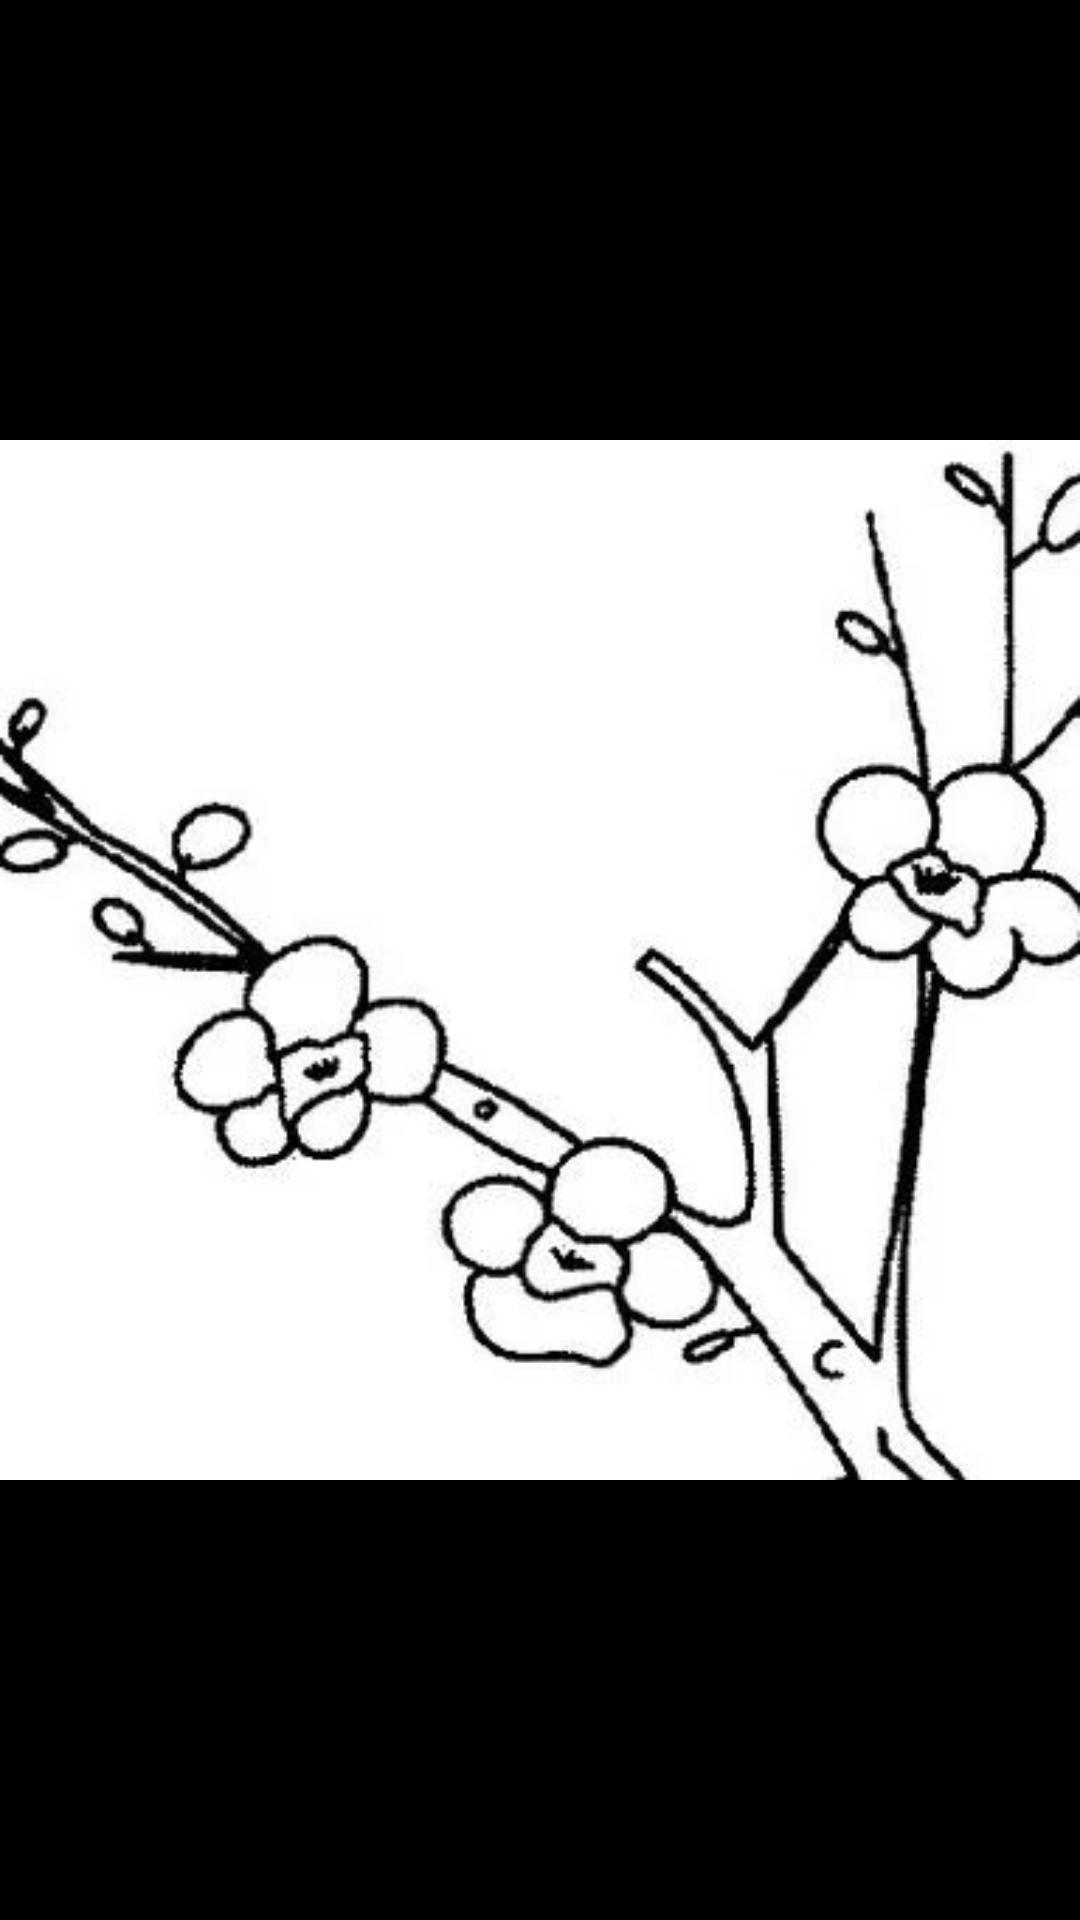 梅花树简笔画图片3